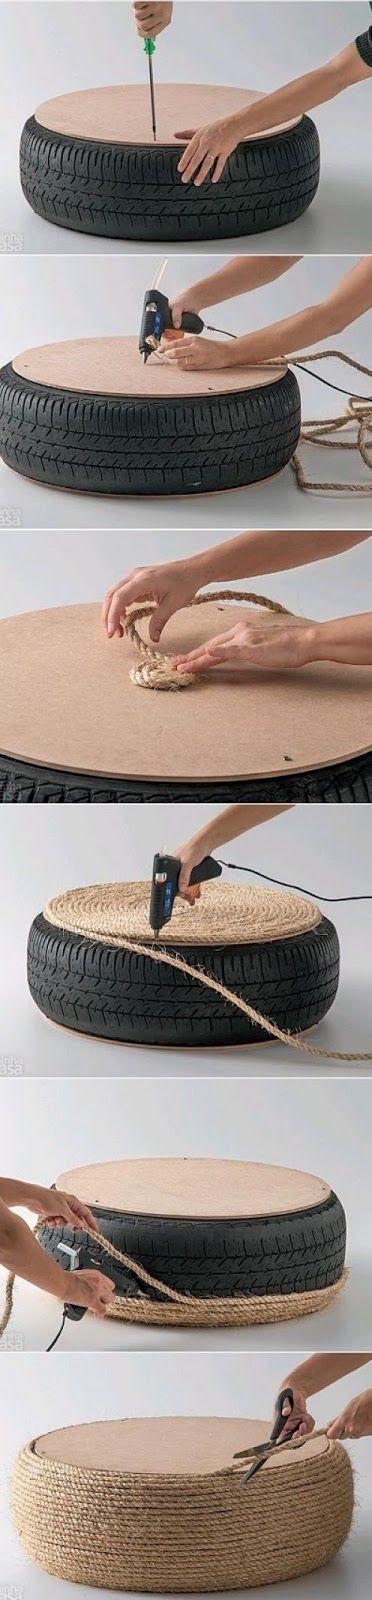 DIY : un pouf dans un vieux pneu!                                                                                                                                                     Plus